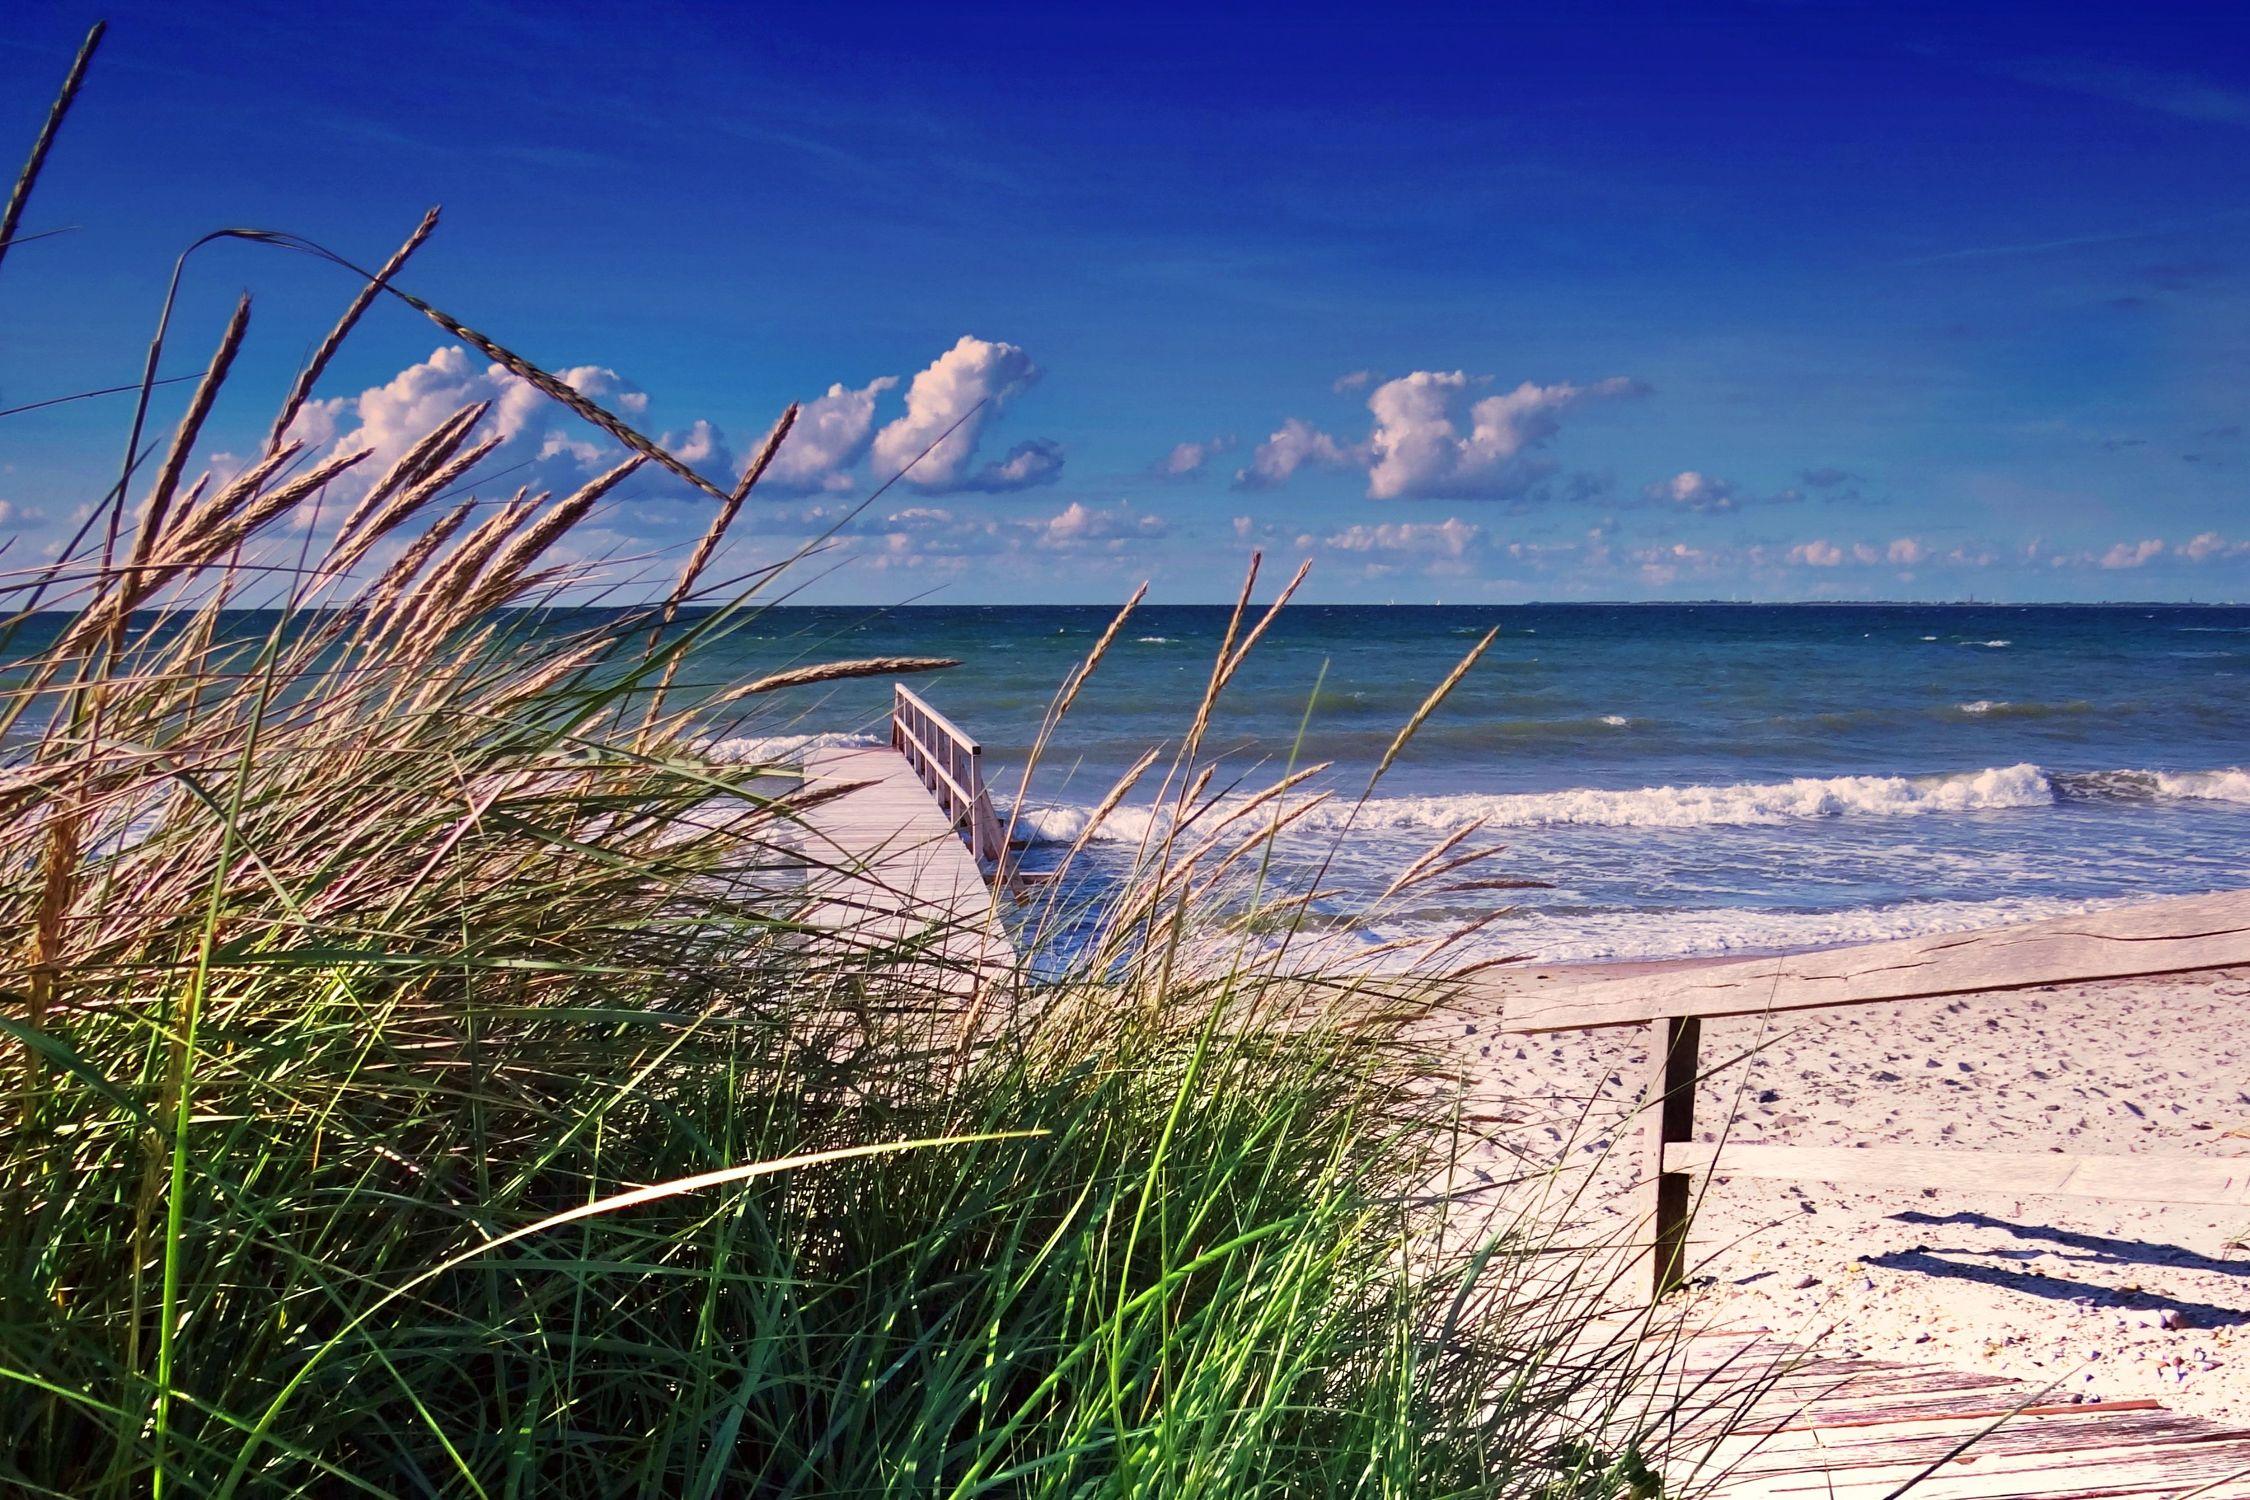 Bild mit Strände, Strand, Sandstrand, Ostsee, Düne, Dünen, Dünengras, Strandhafer